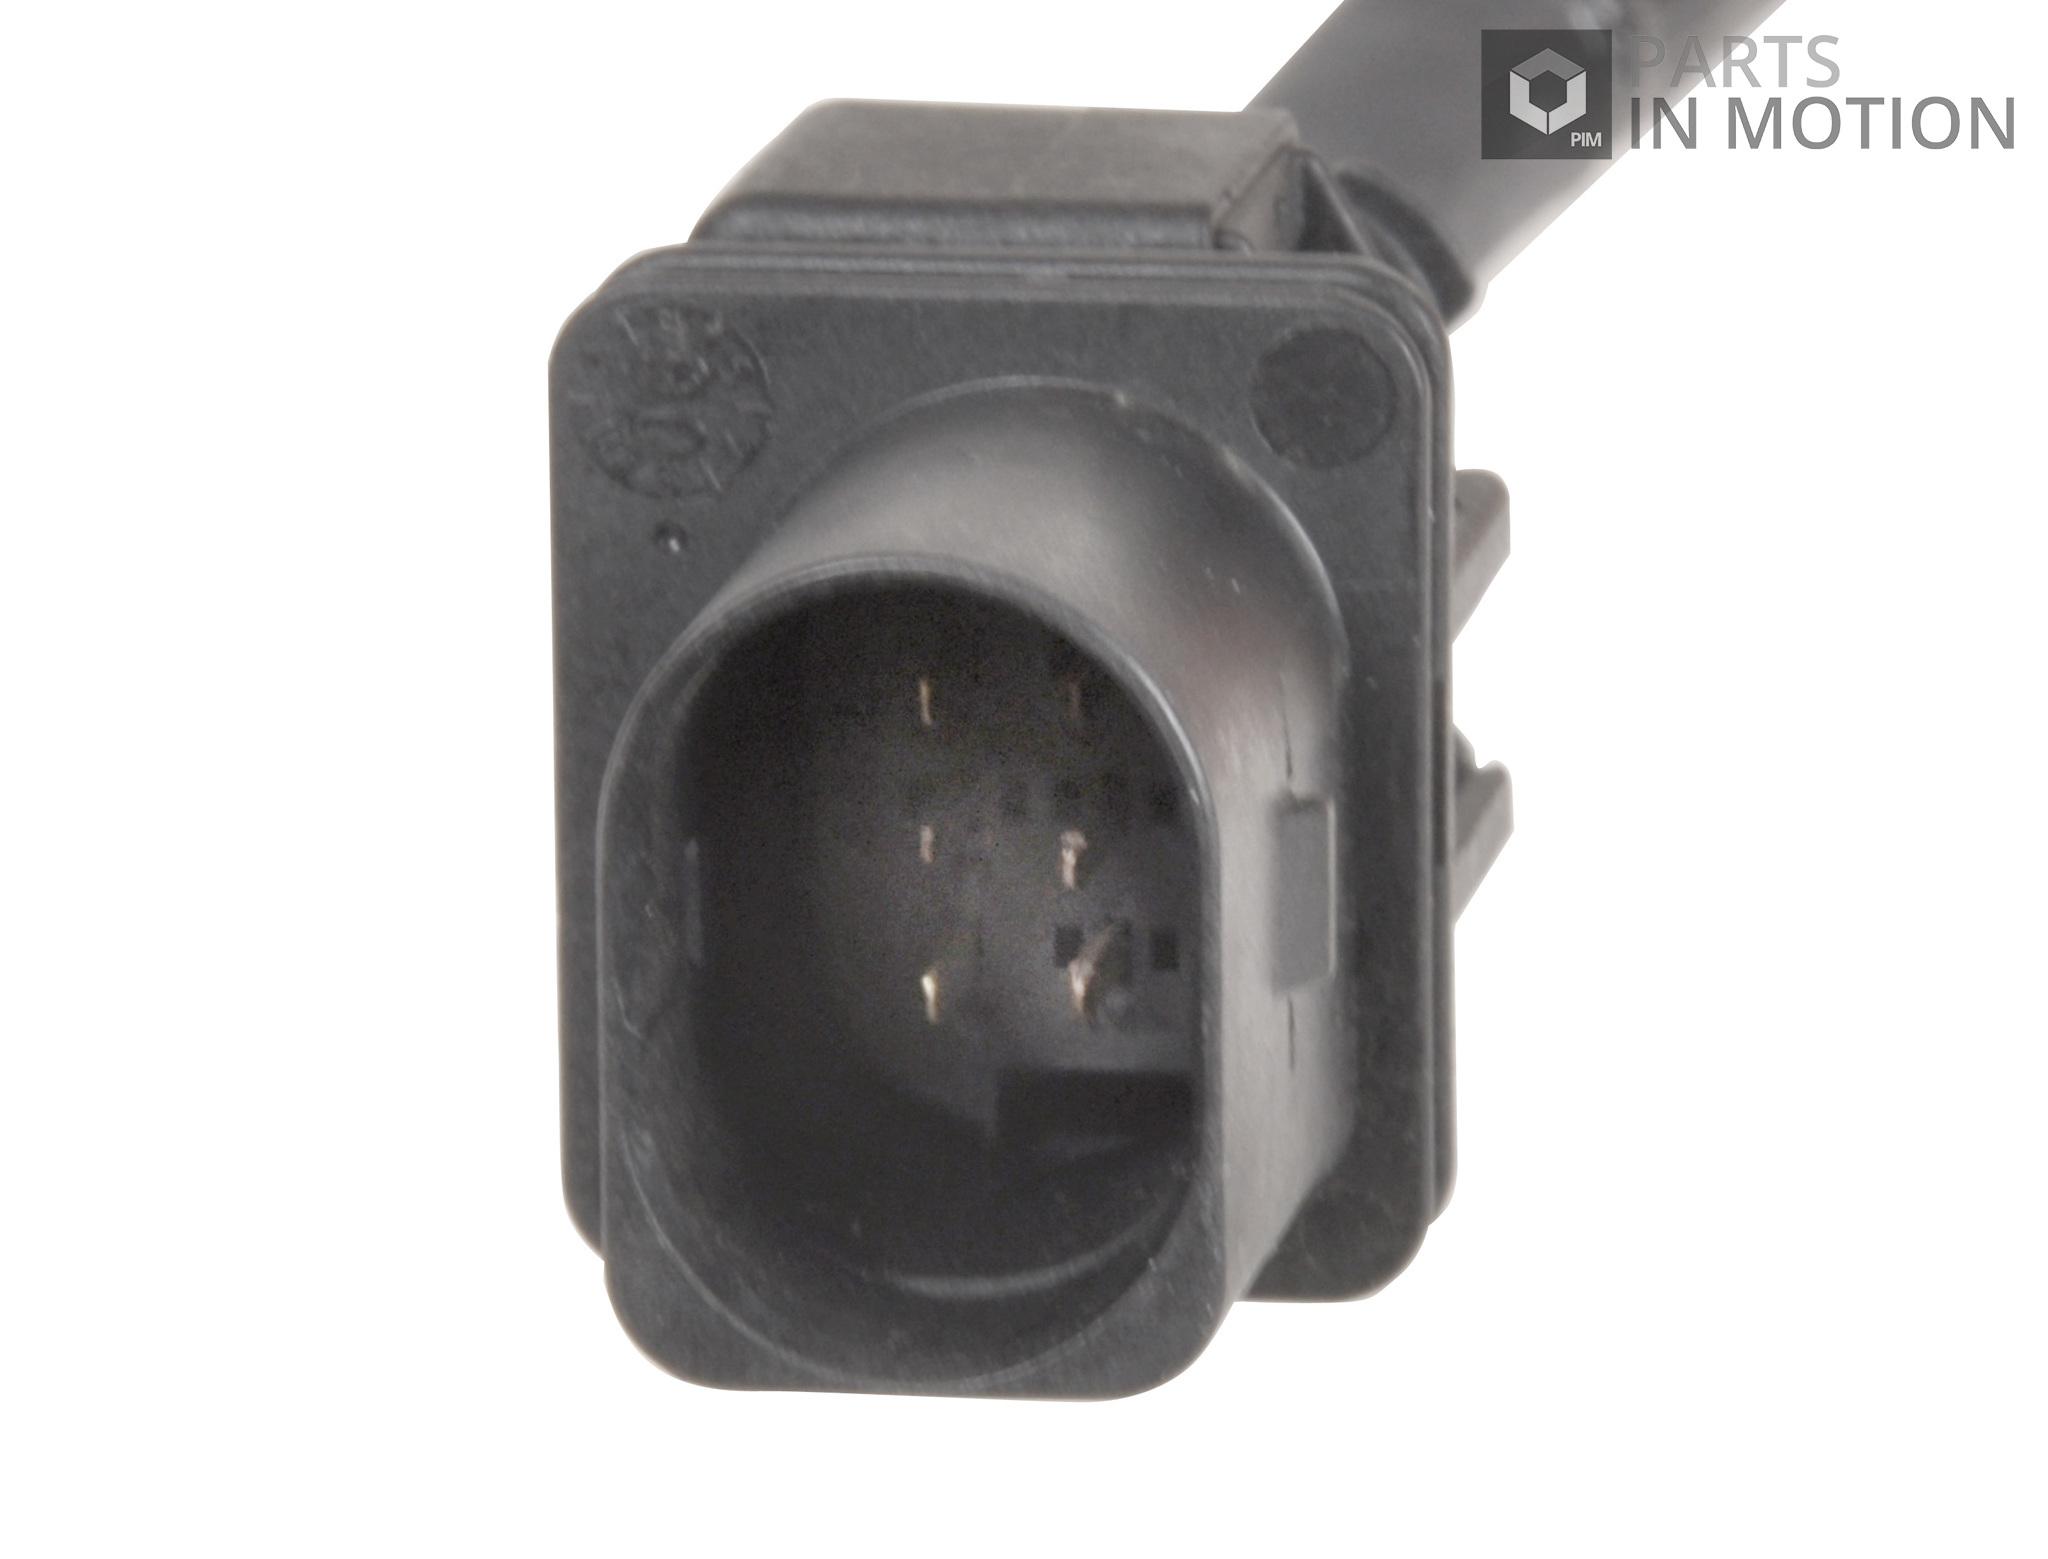 SKODA SUPERB 3T 2 0D Lambda Sensor 08 to 15 Oxygen ADL 03G A